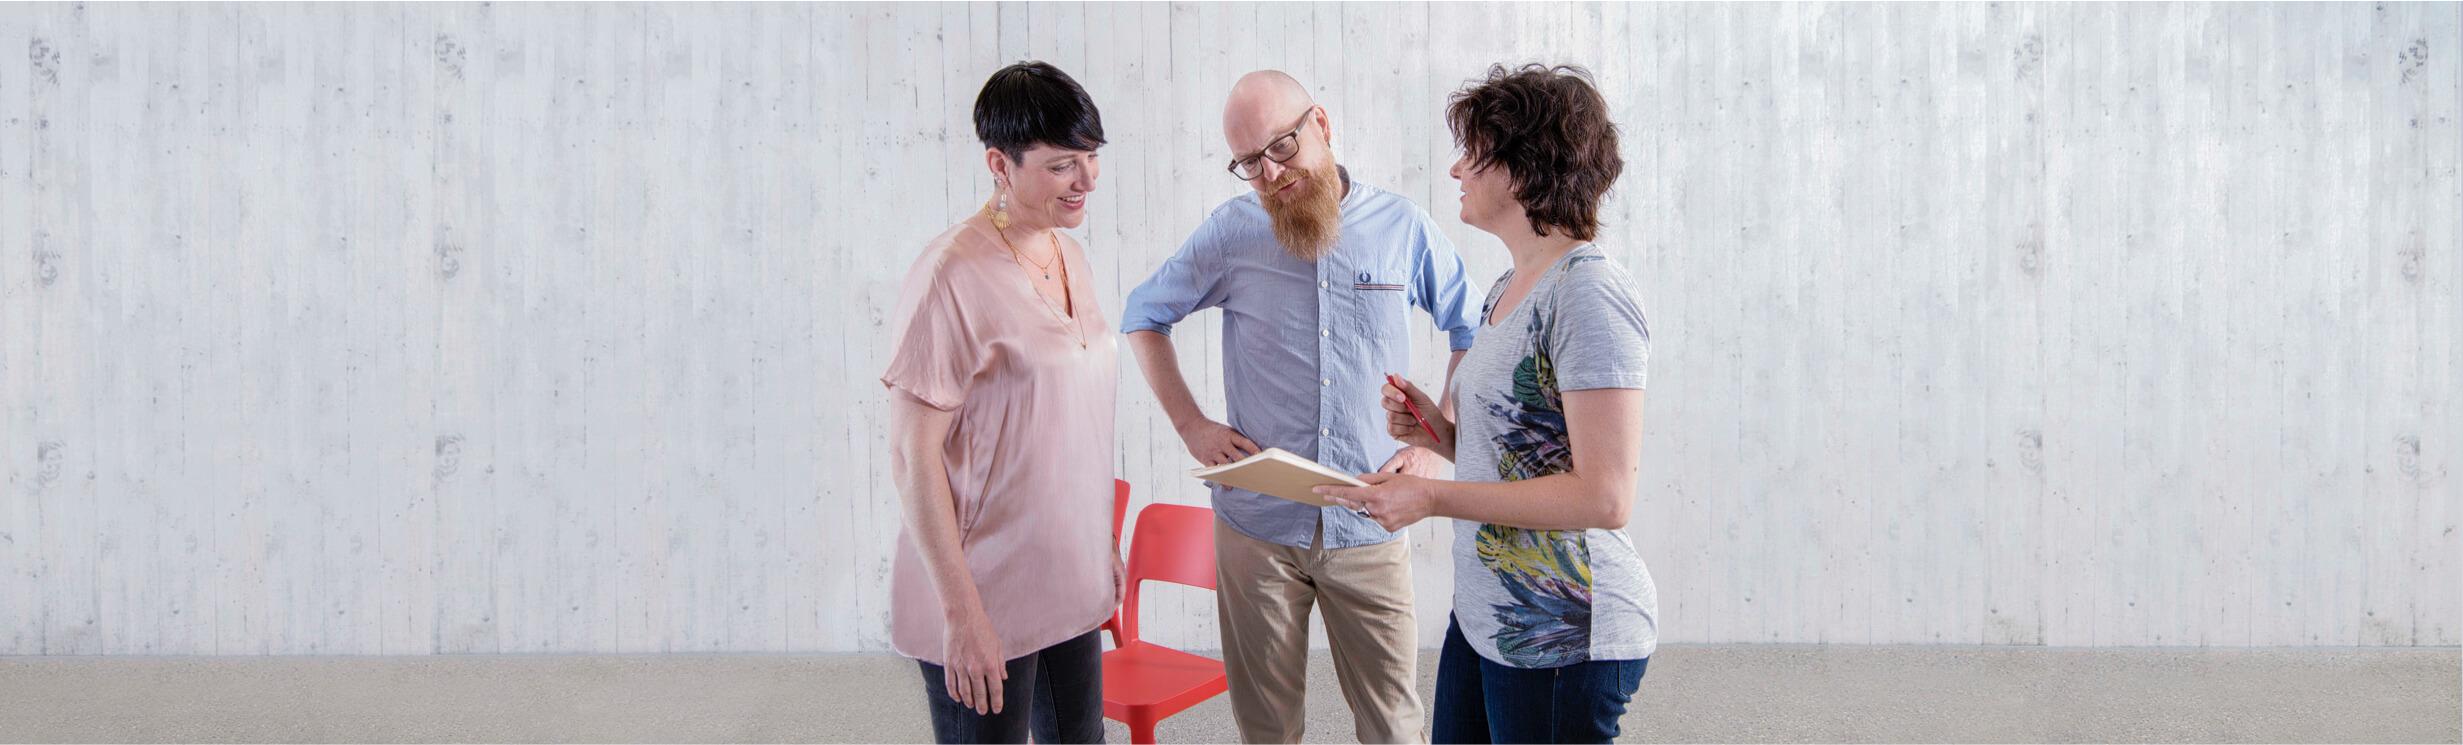 Drei Personen stehen zusammen und unterhalten sich